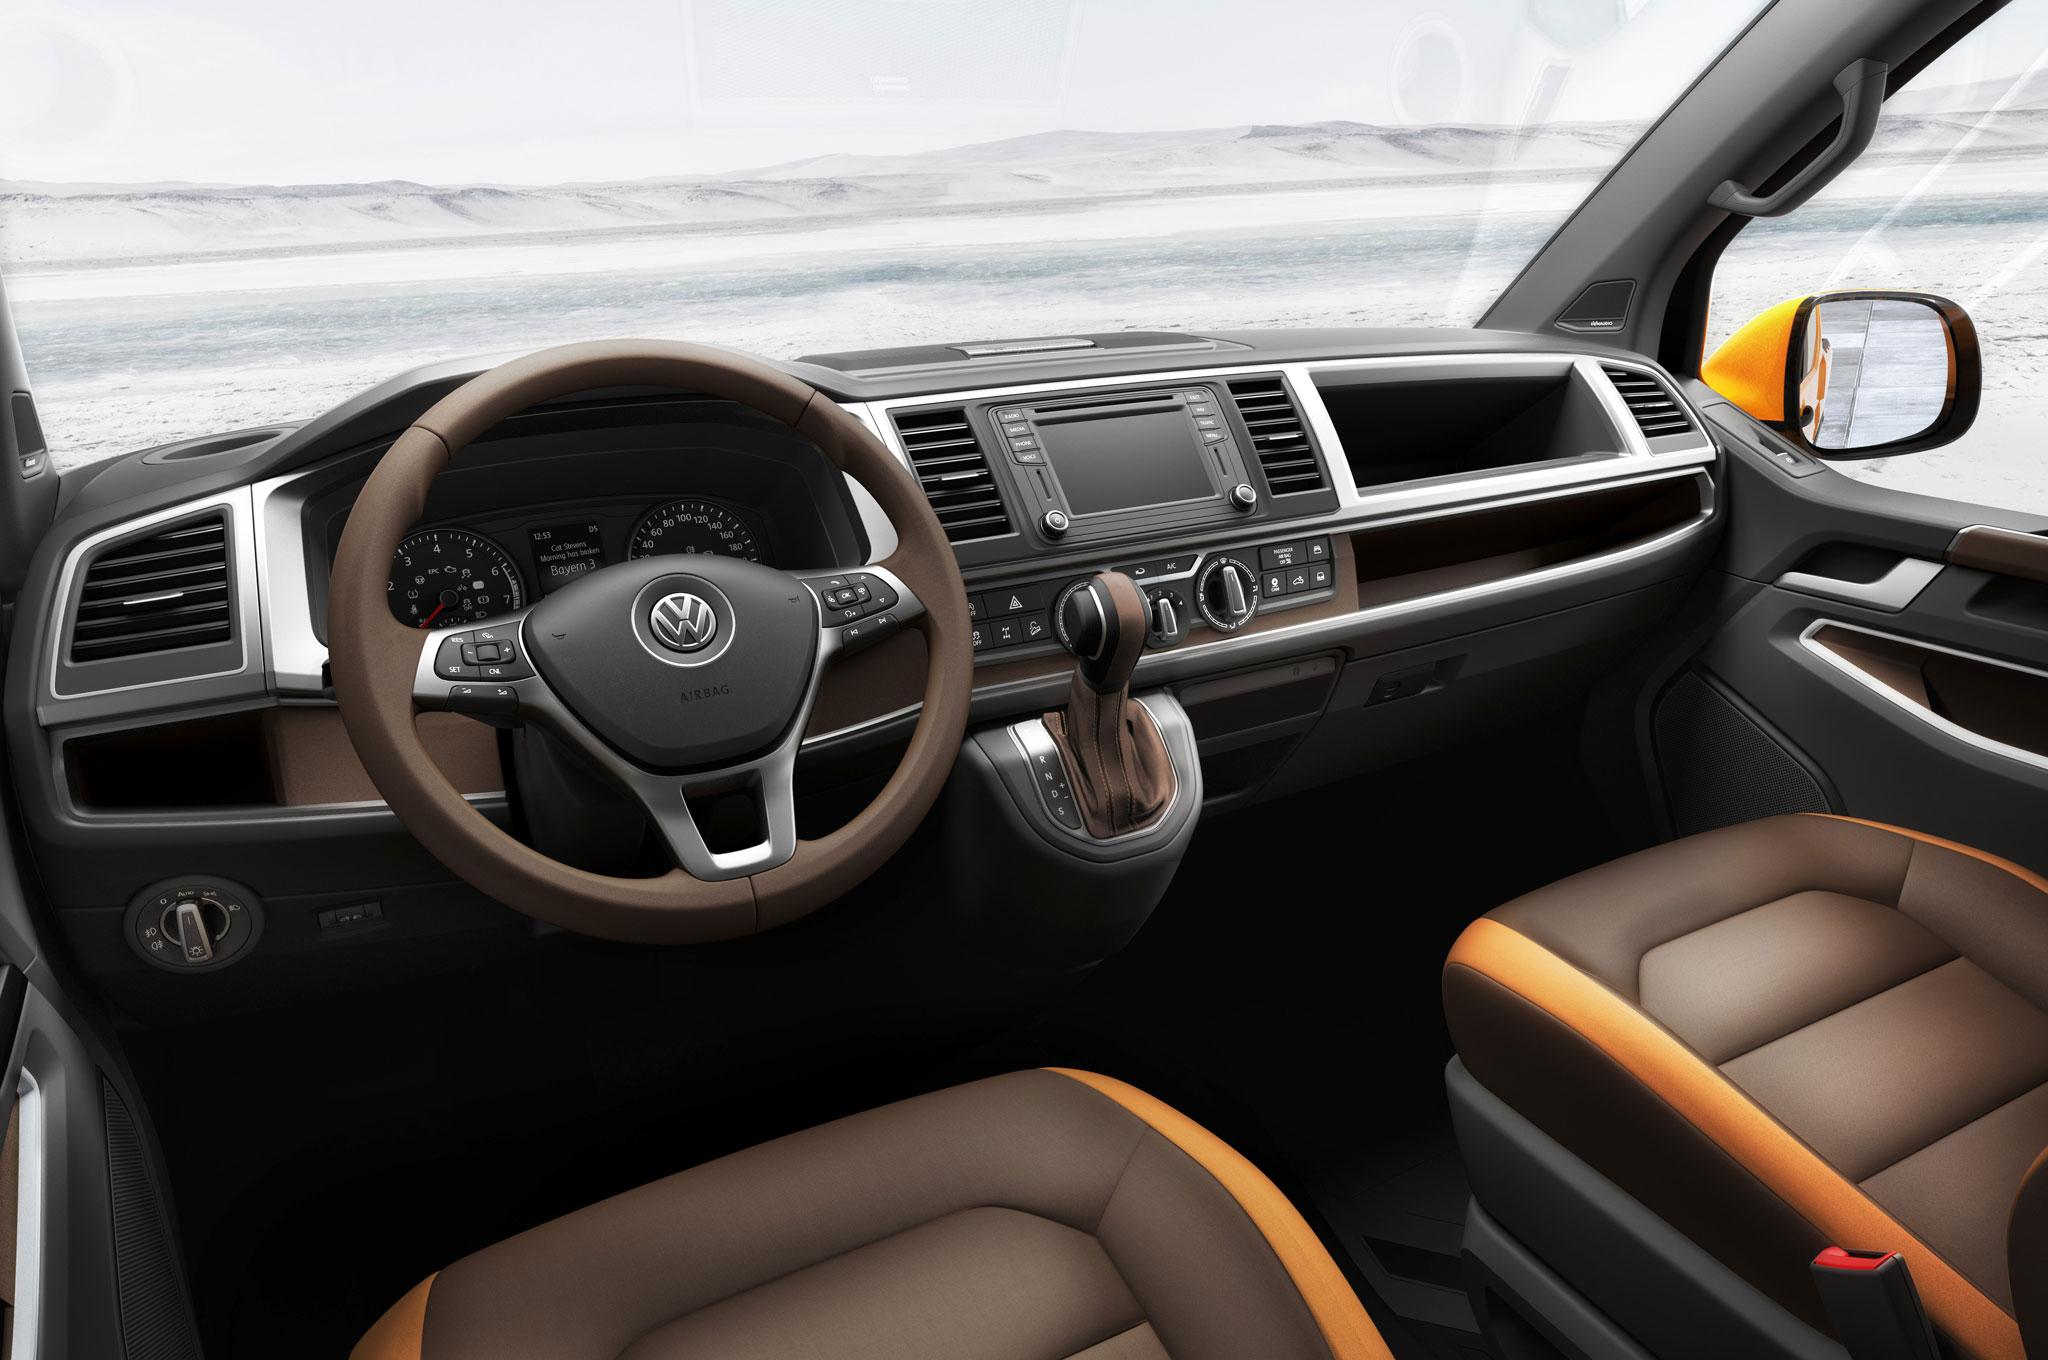 Volkswagen T6 2020 in Pakistan - Features